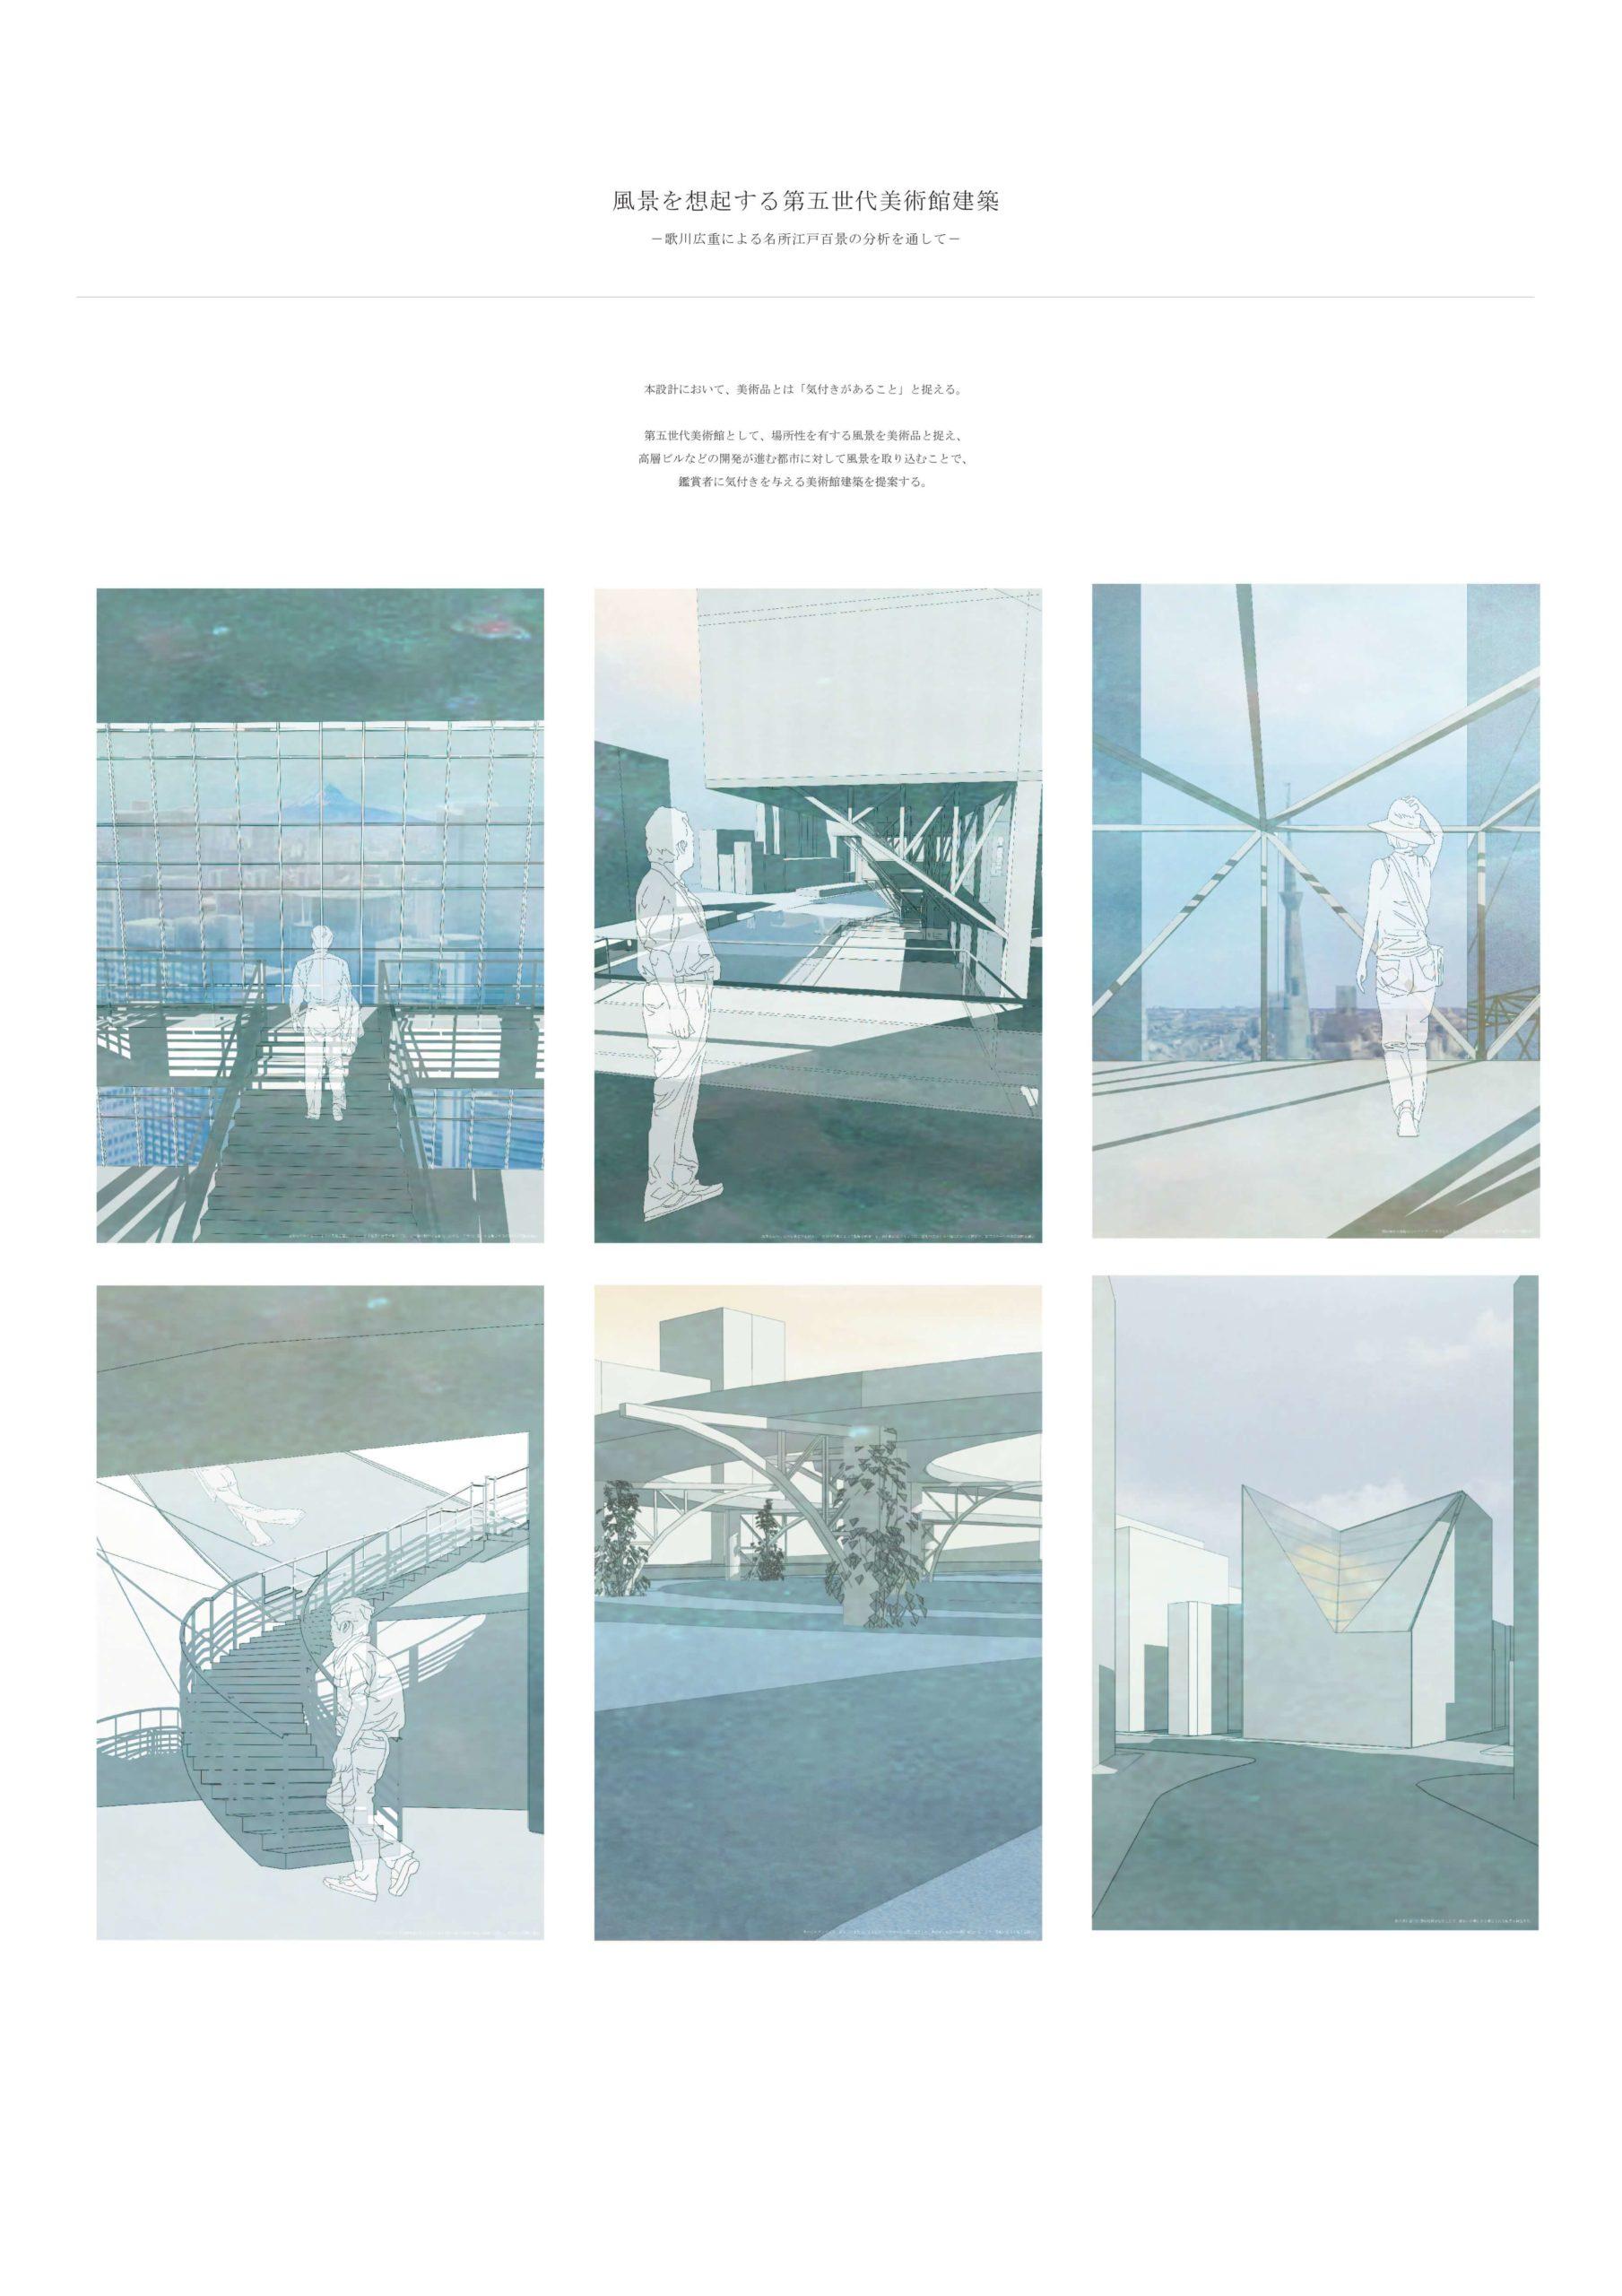 風景を想起する第五世代美術館建築 -歌川広重による名所江戸百景の分析を通して--1